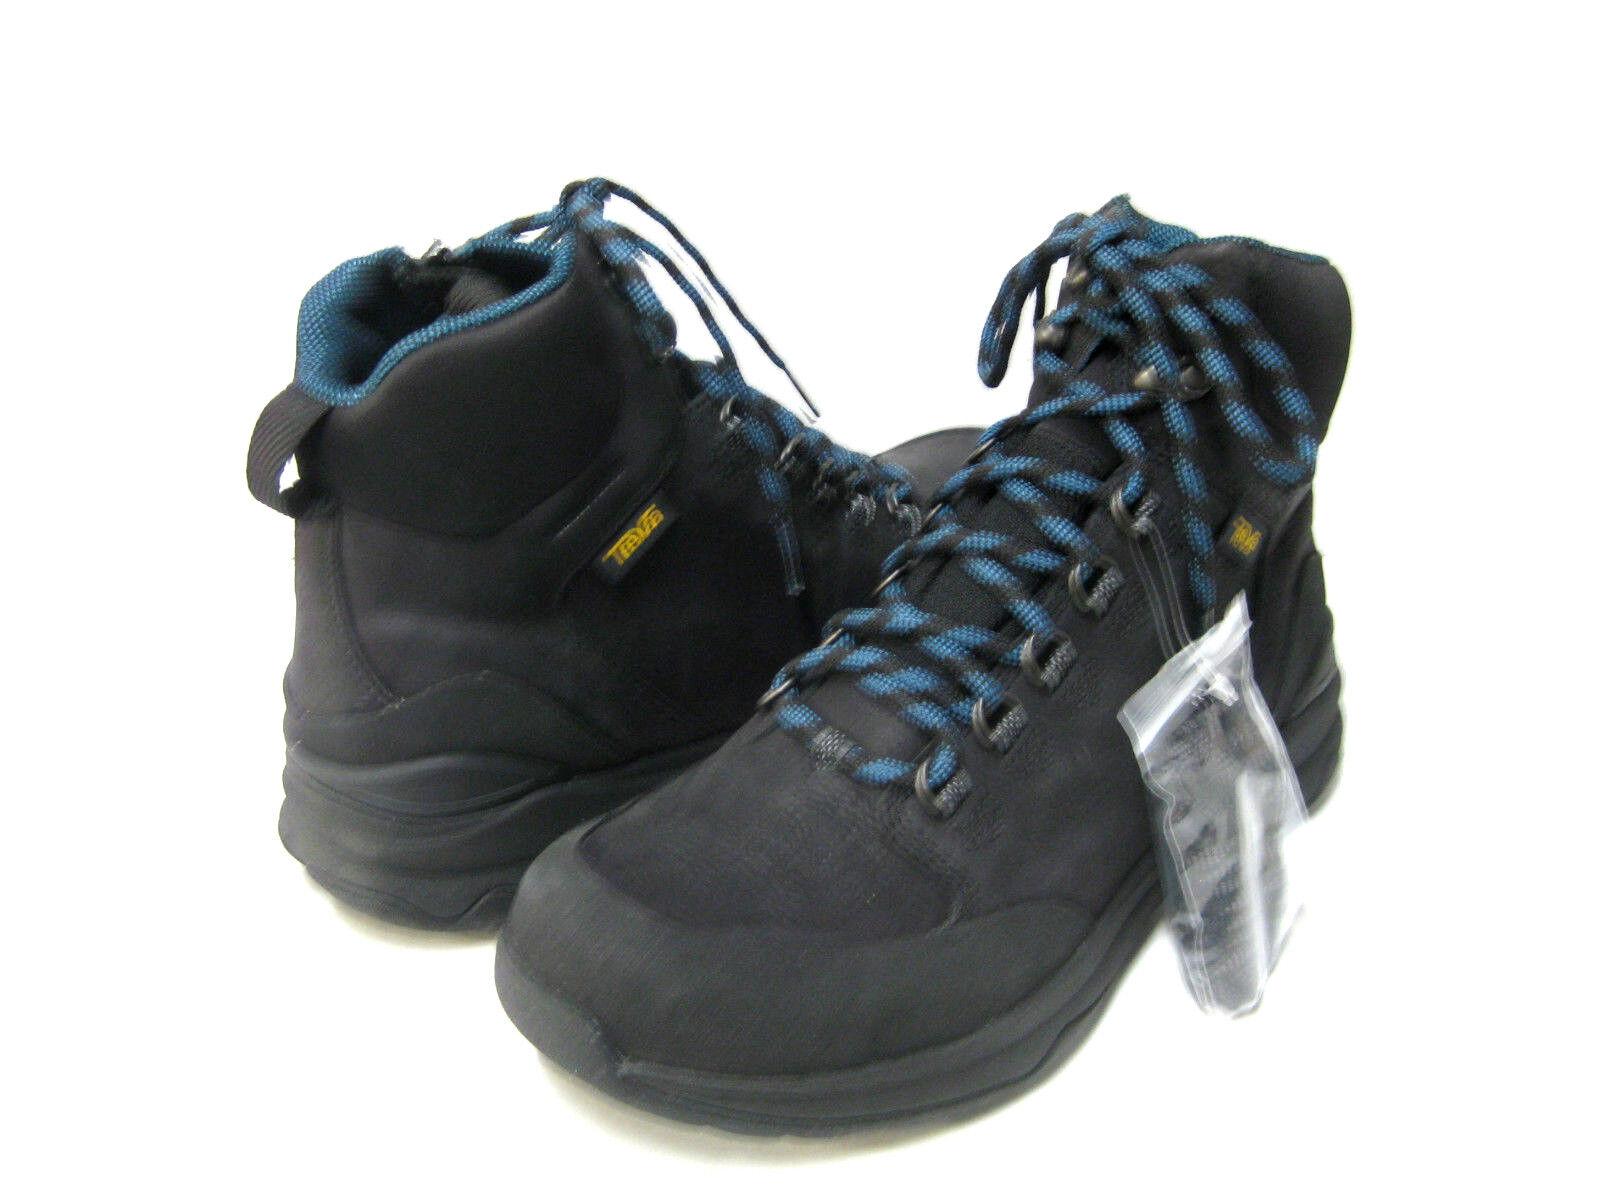 botas Para Excursionismo Hombres TEVA ARROWOOD utilidad WP Negro Us 11